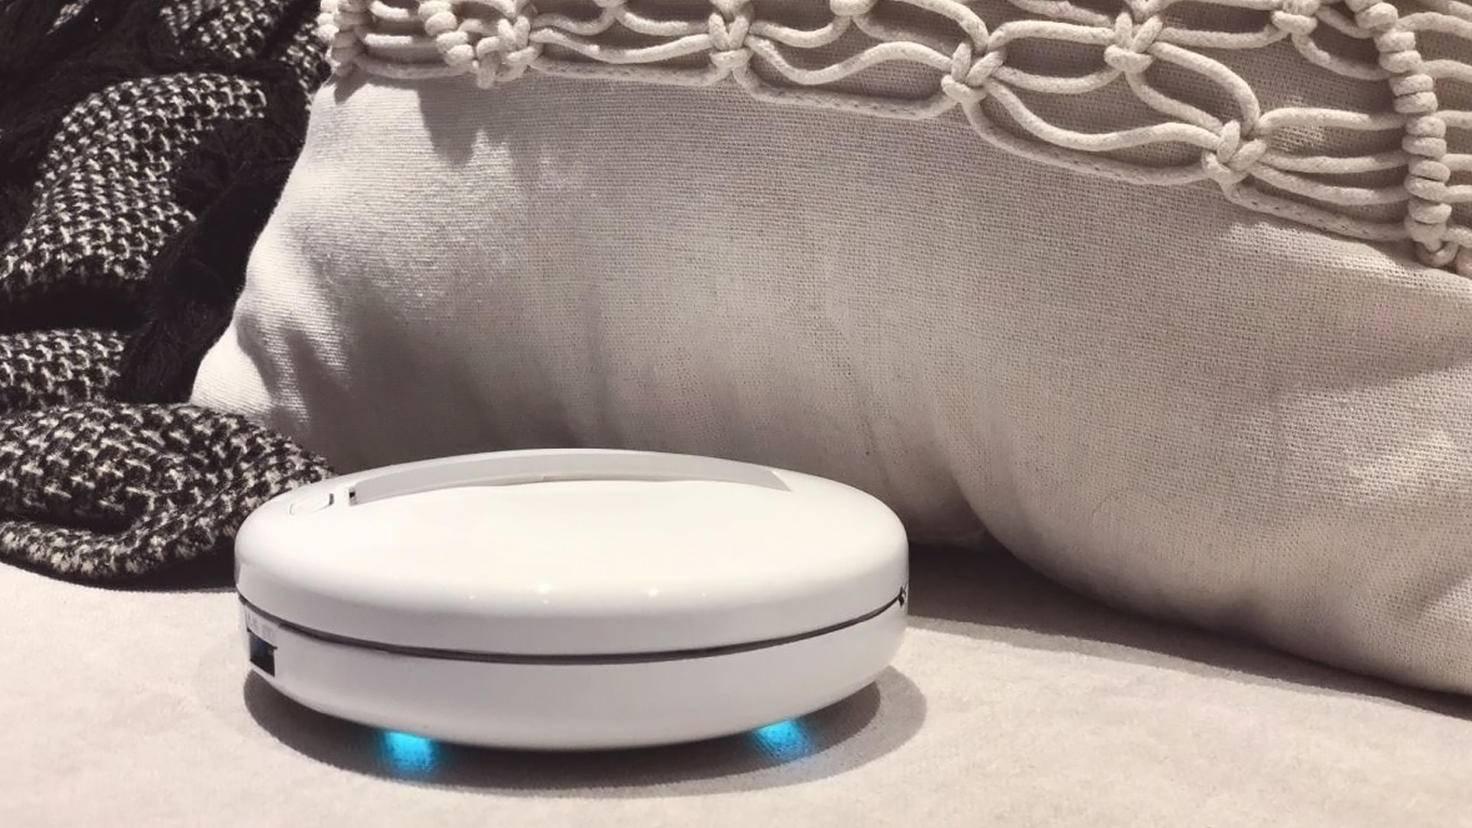 Cleansebot-Roboter-Bett-Facebook-cleansebot